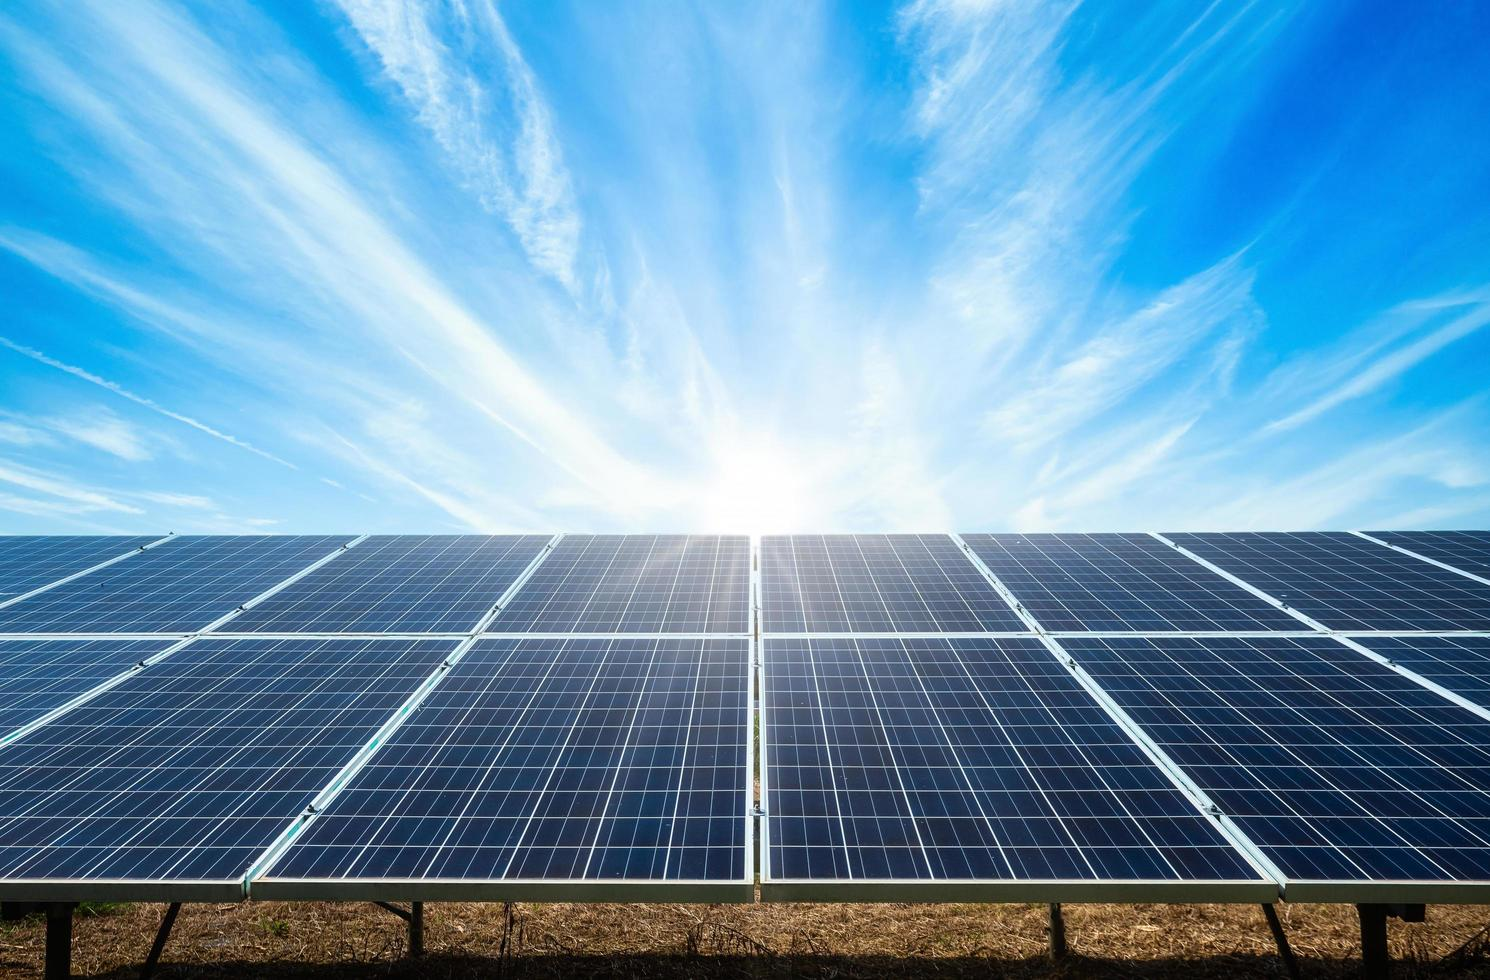 pannello solare su sfondo blu cielo foto